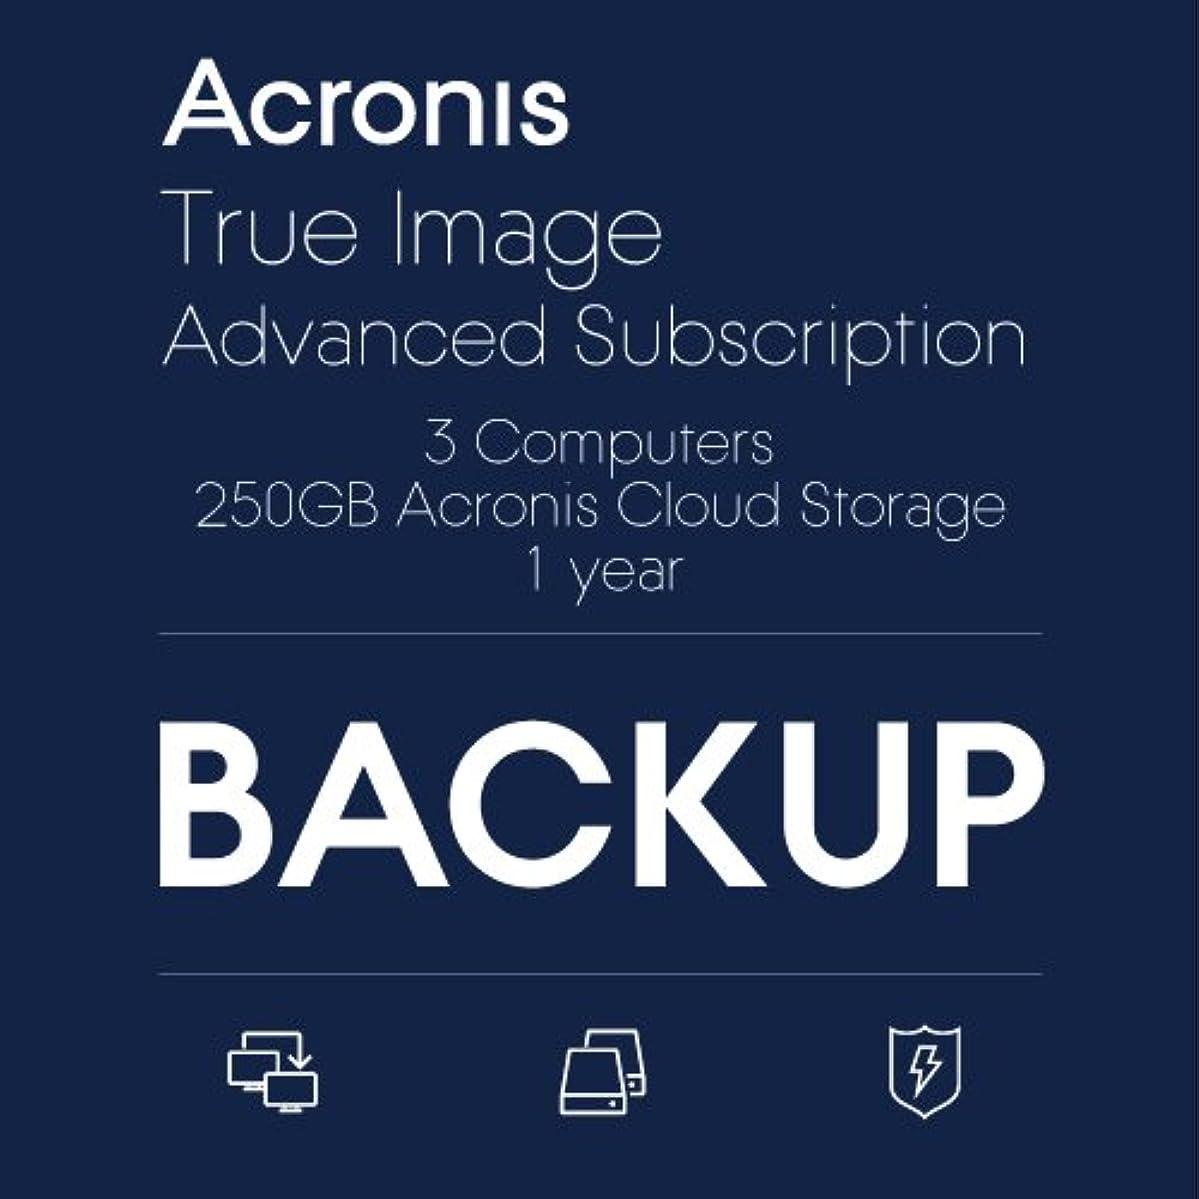 スクリューしがみつく平均Acronis True Image Advanced Subscription 3 Computers|オンラインコード版